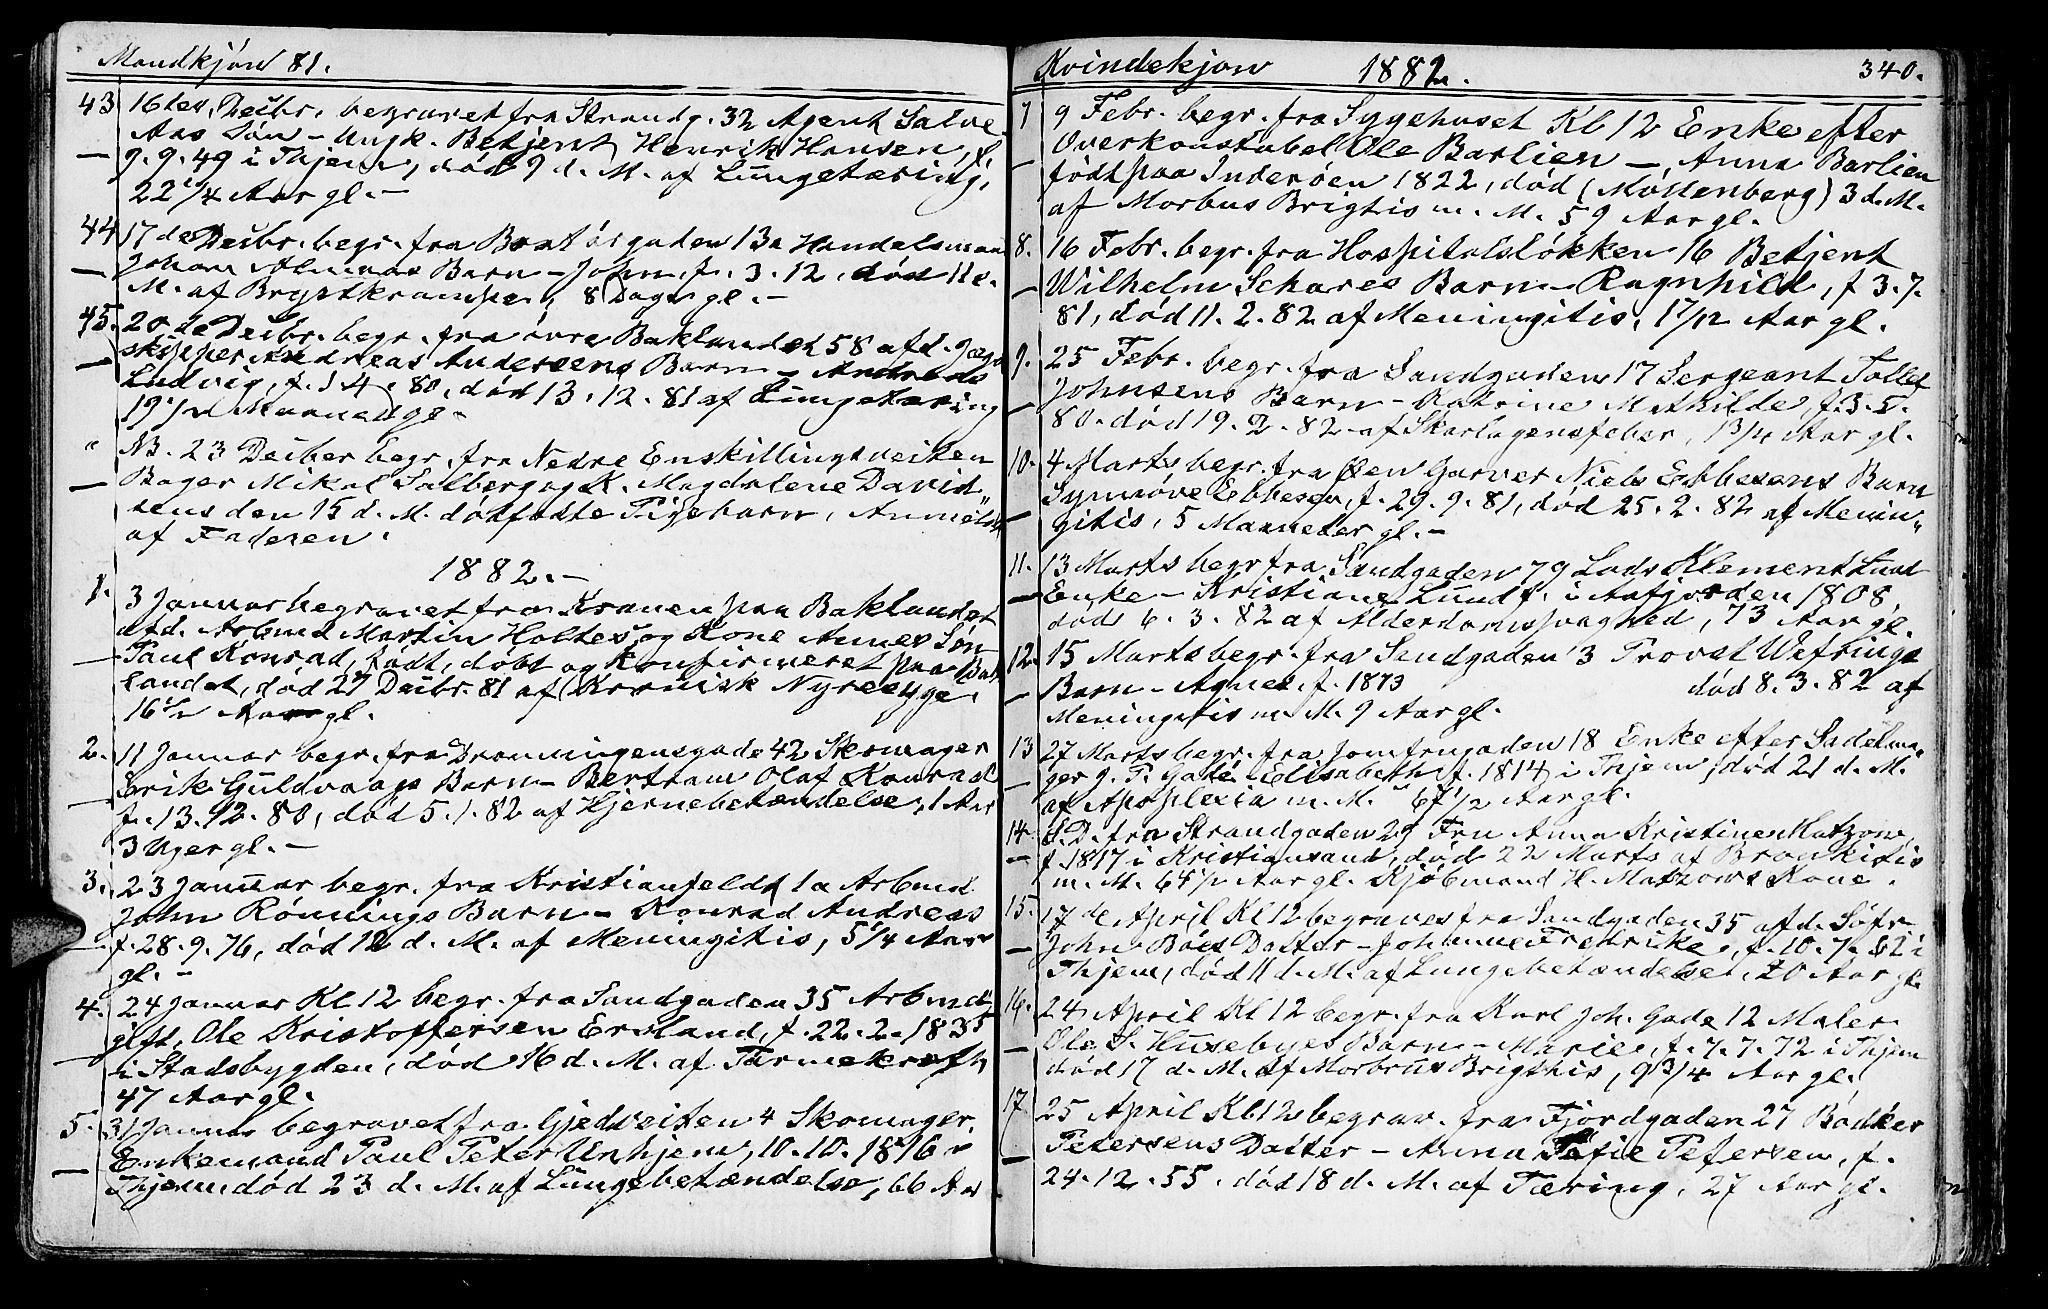 SAT, Ministerialprotokoller, klokkerbøker og fødselsregistre - Sør-Trøndelag, 602/L0142: Klokkerbok nr. 602C10, 1872-1894, s. 340